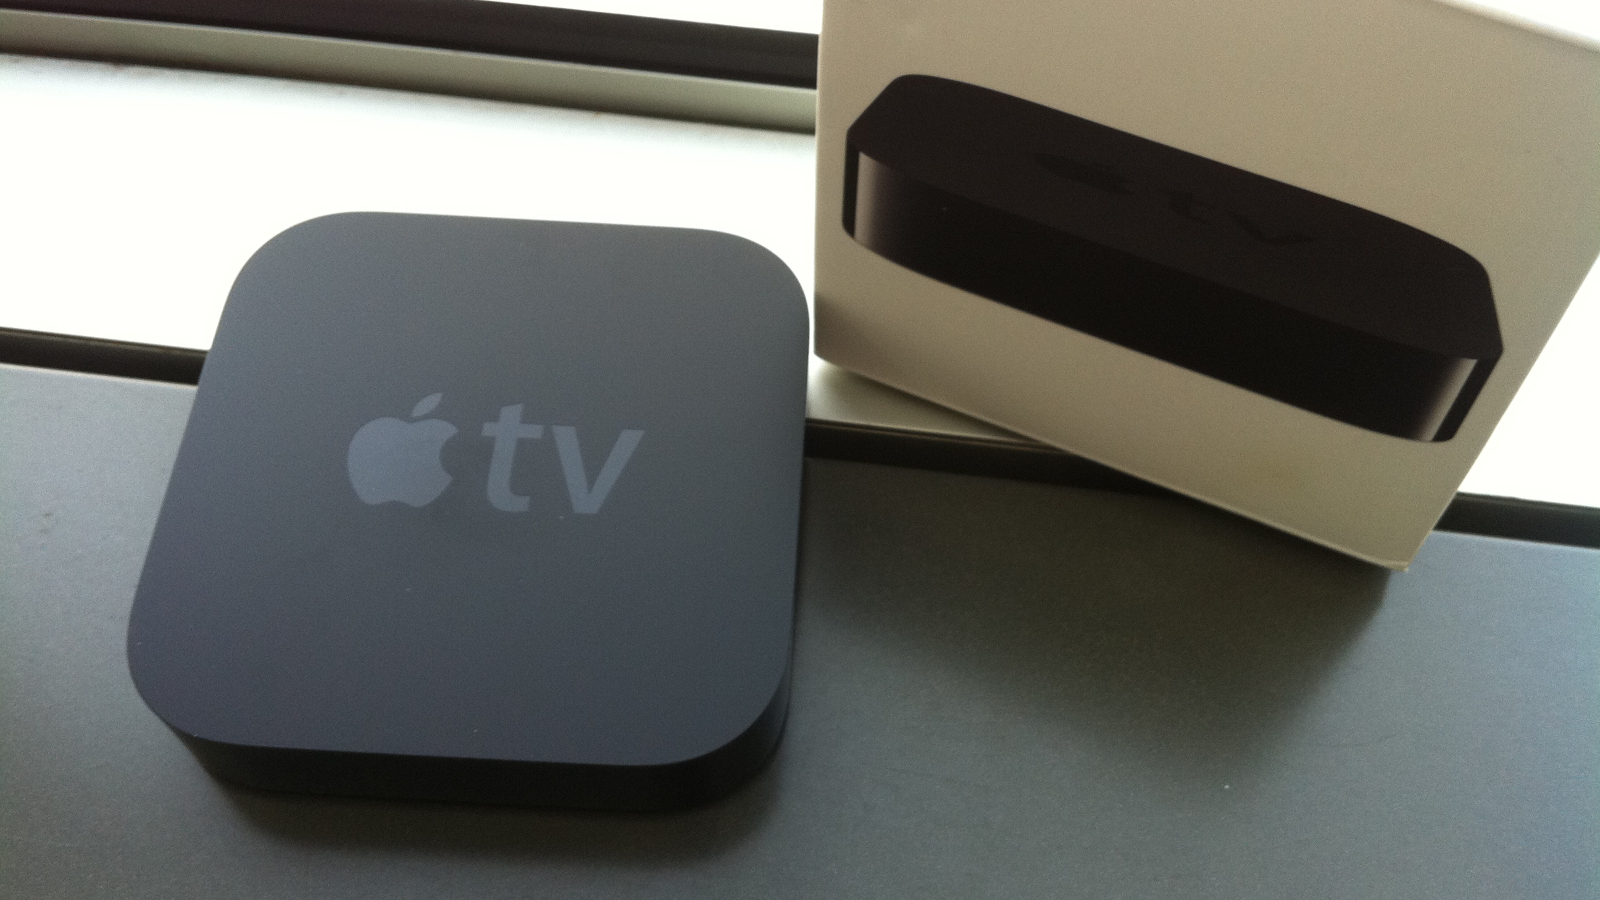 apple tv bfishadow